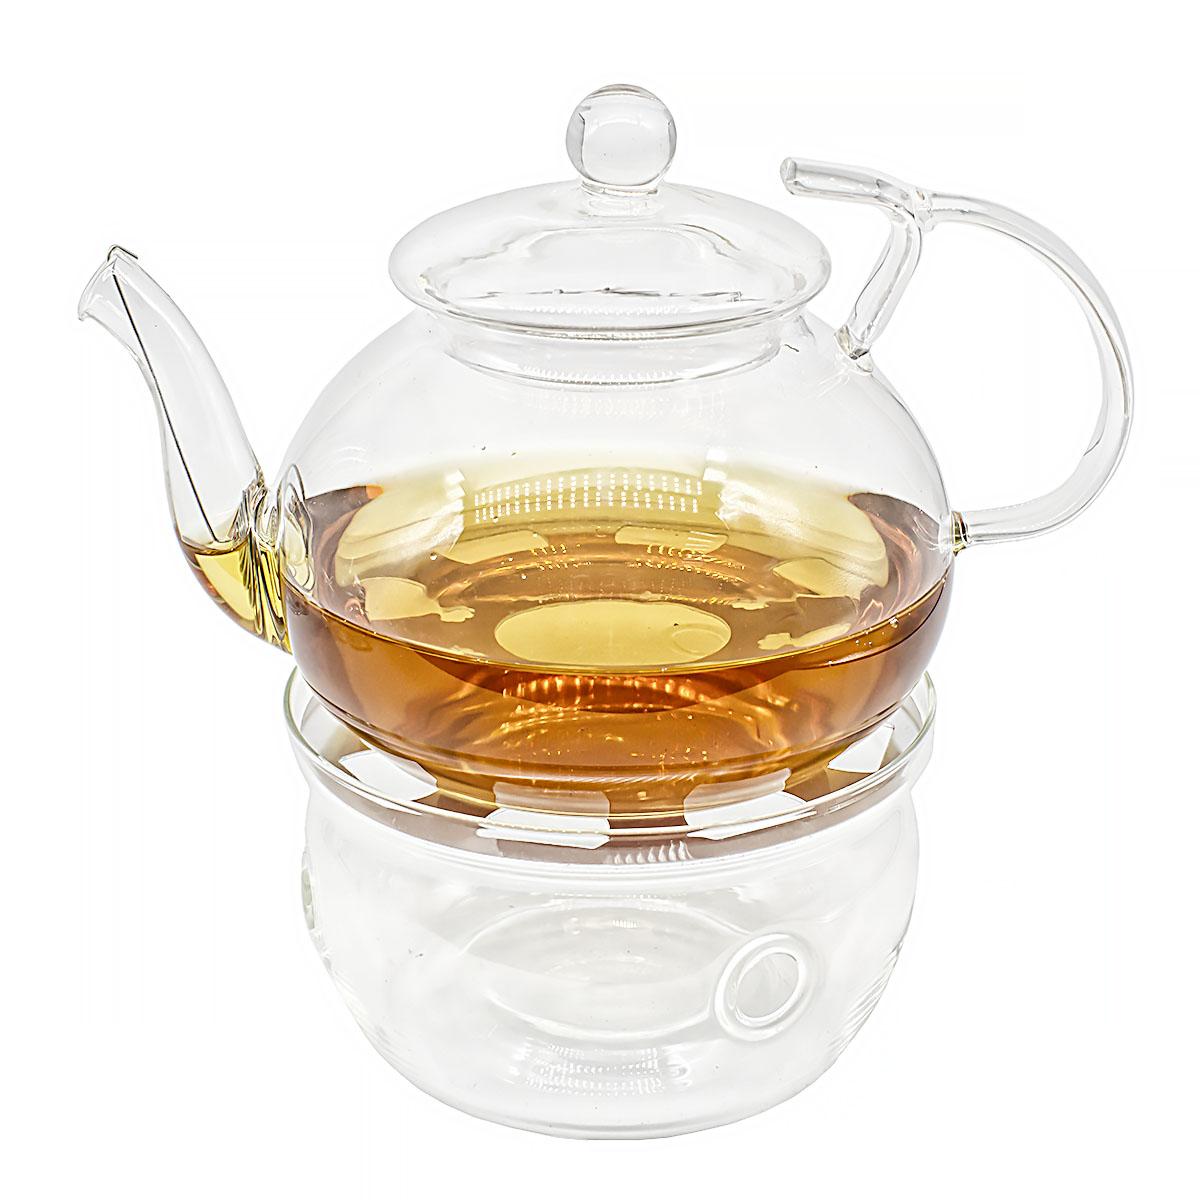 Фото - Набор: заварочный чайник Примула 700 мл и подставка-подогреватель Тама подставка